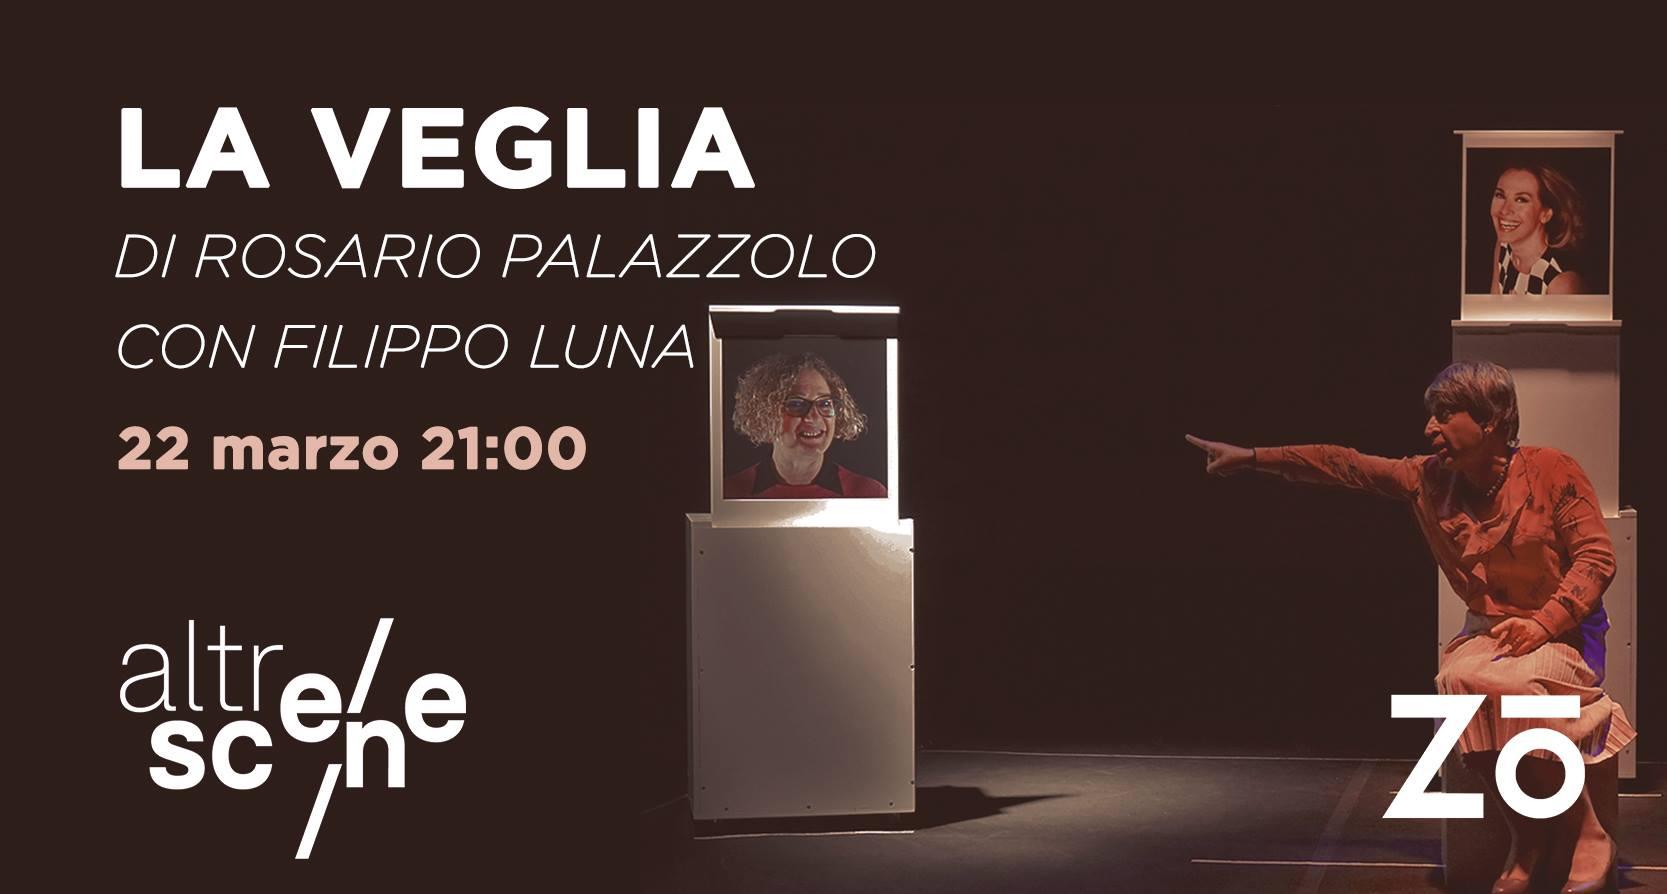 la veglia_rosario palazzolo_ZO_